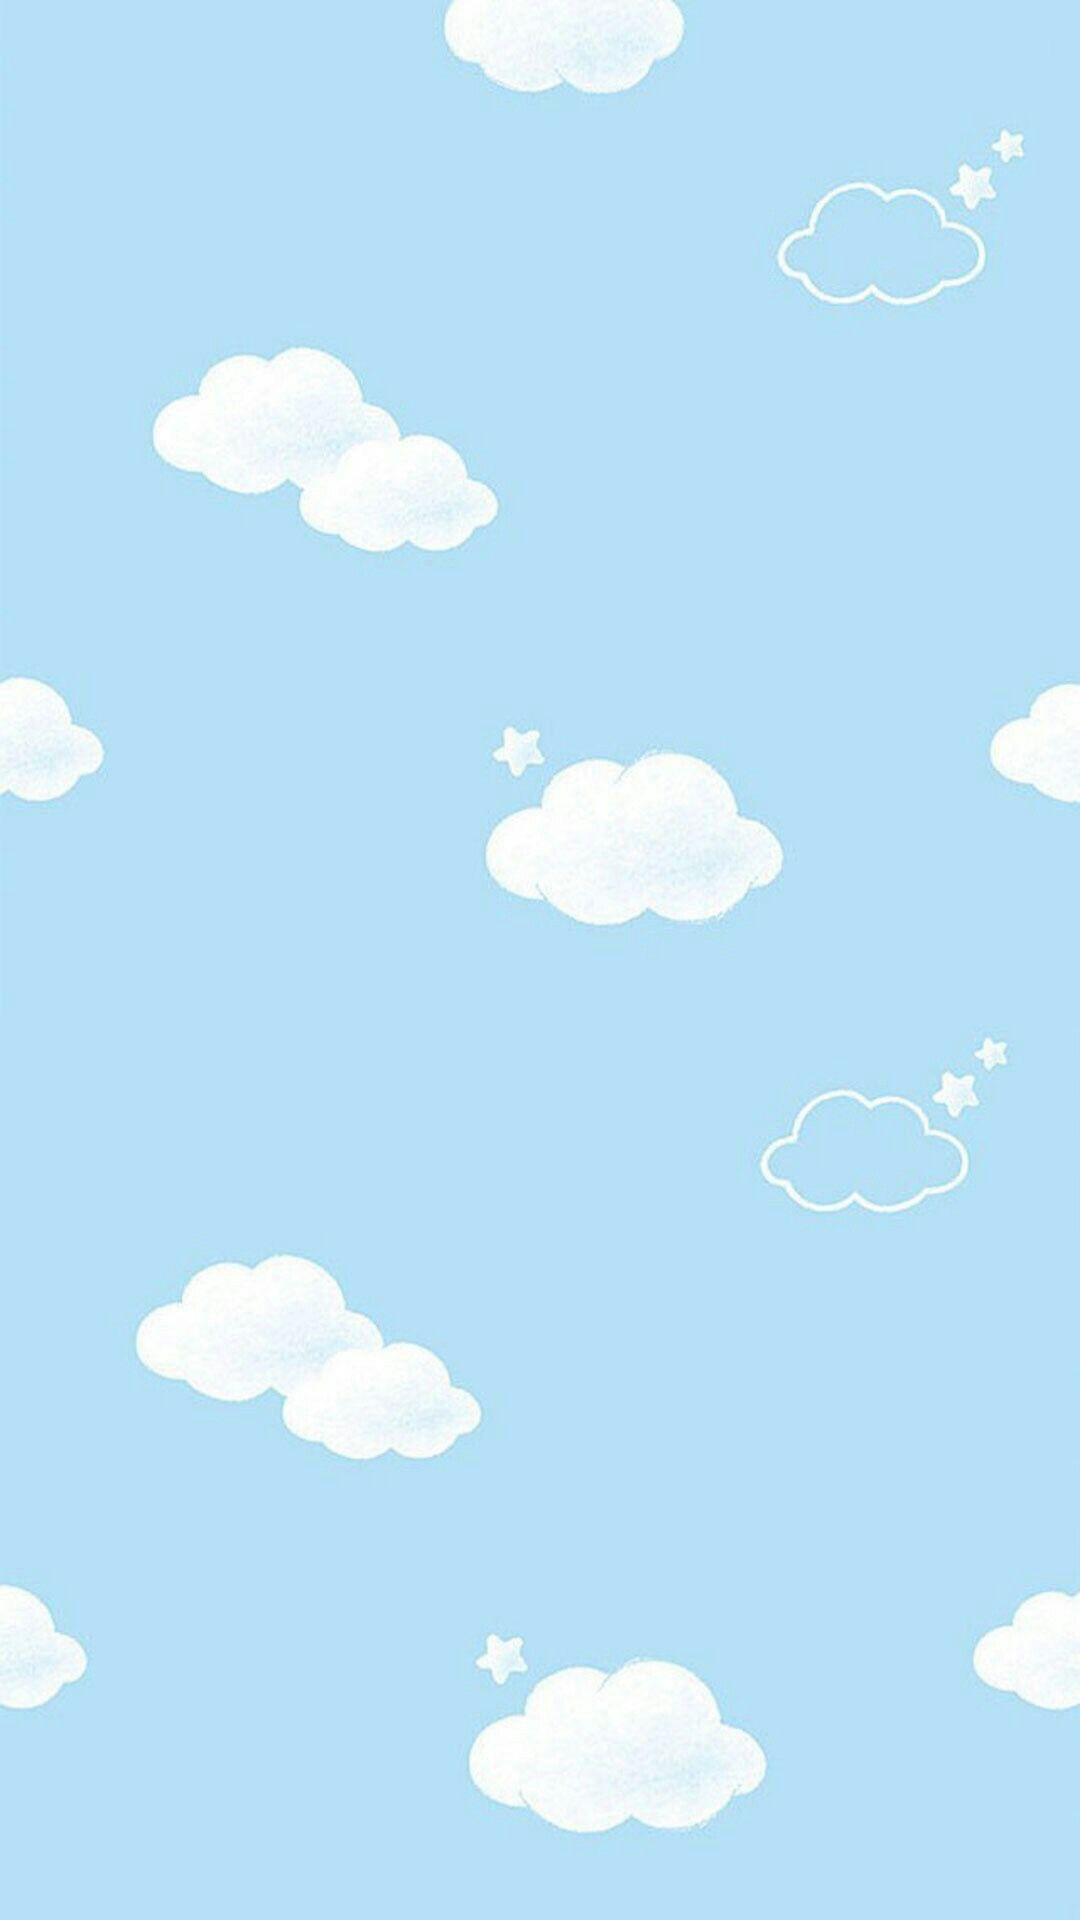 Hình nền mây xanh dễ thương cho điện thoại